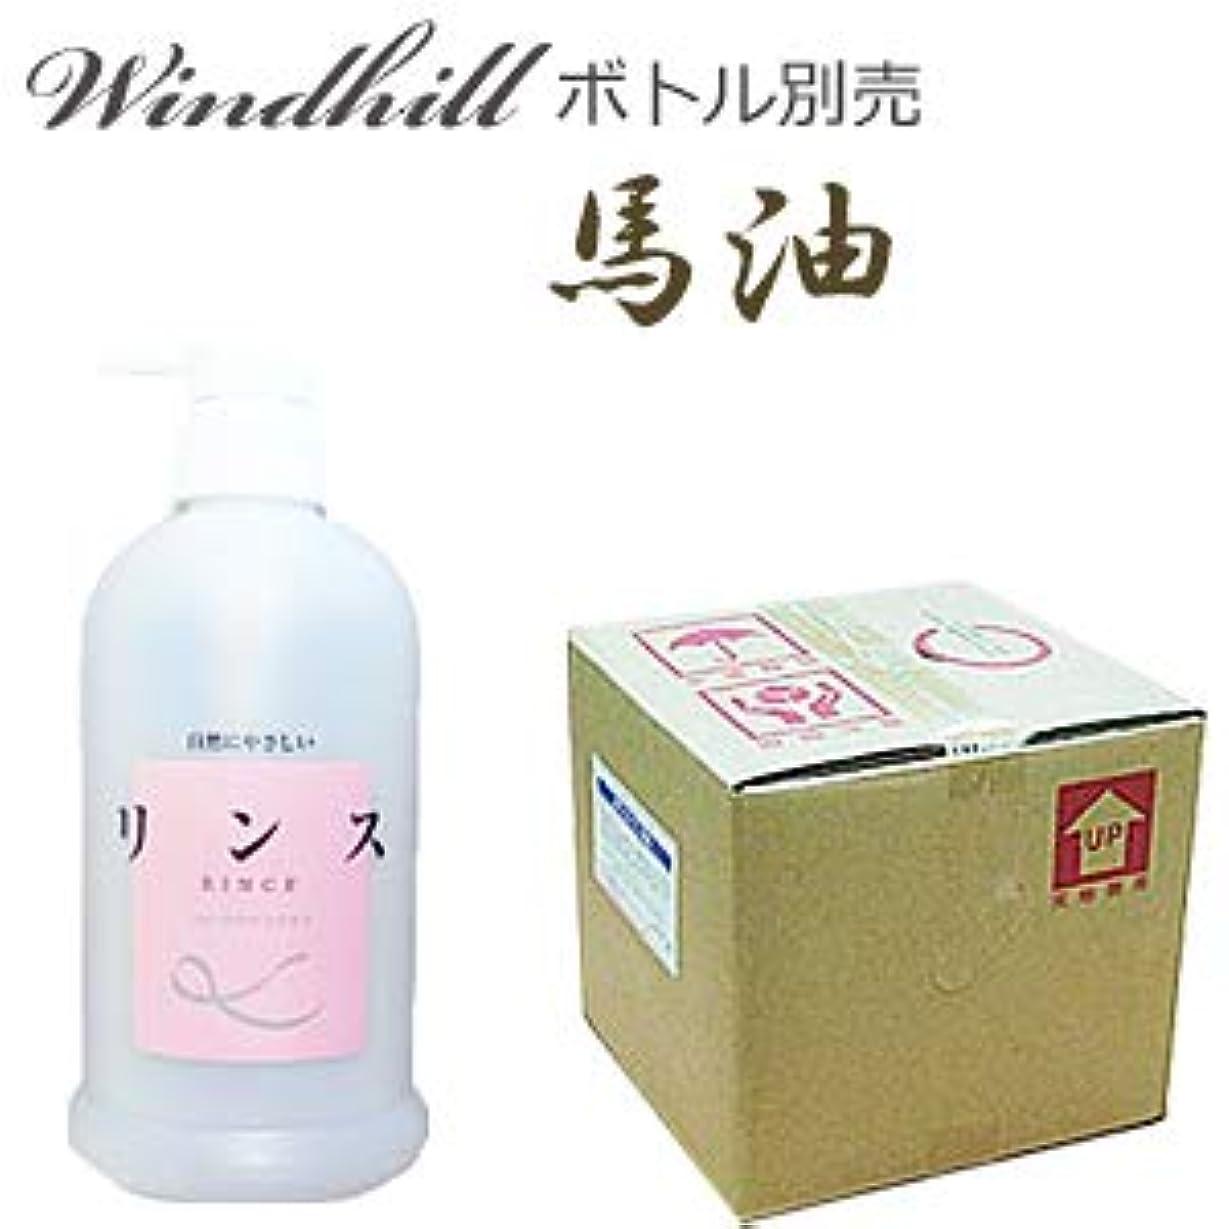 先駆者ゲスト冗長なんと! 500ml当り190円 Windhill 馬油 業務用 リンス  フローラルの香り 20L